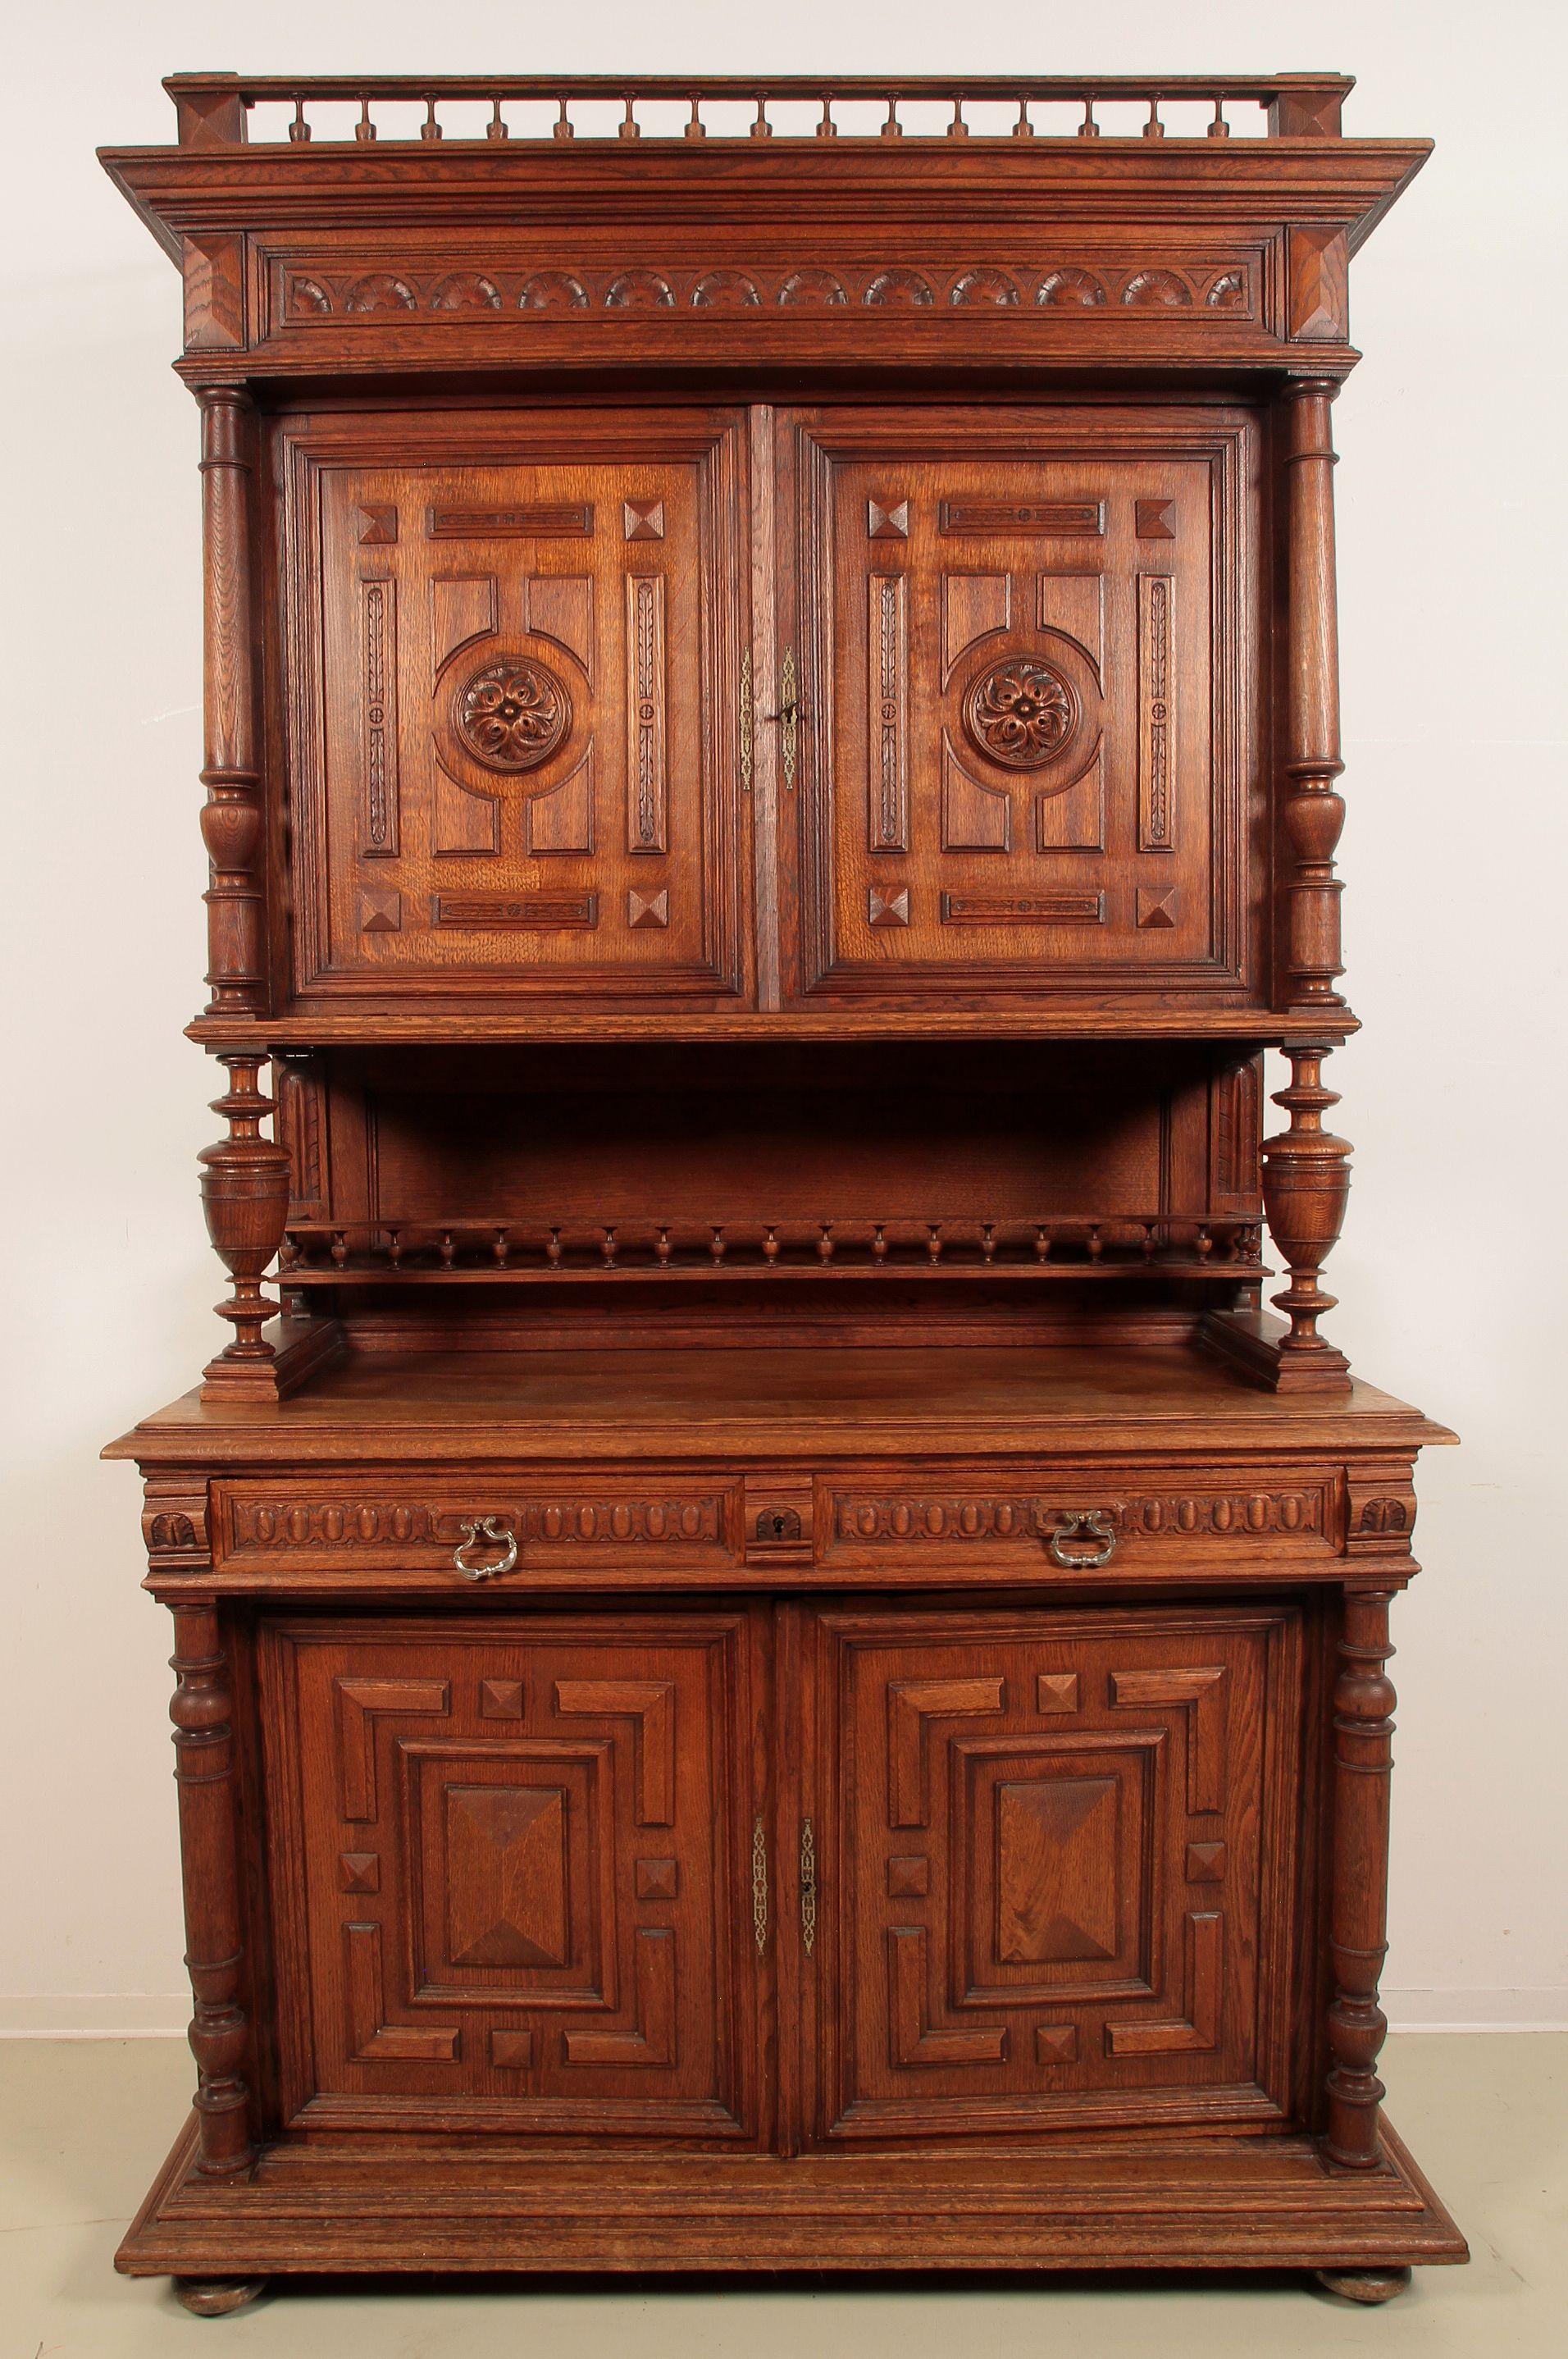 gr nderzeit buffet mit galerie epoche gr nderzeit holzart eiche ma e h he 245 cm breite. Black Bedroom Furniture Sets. Home Design Ideas